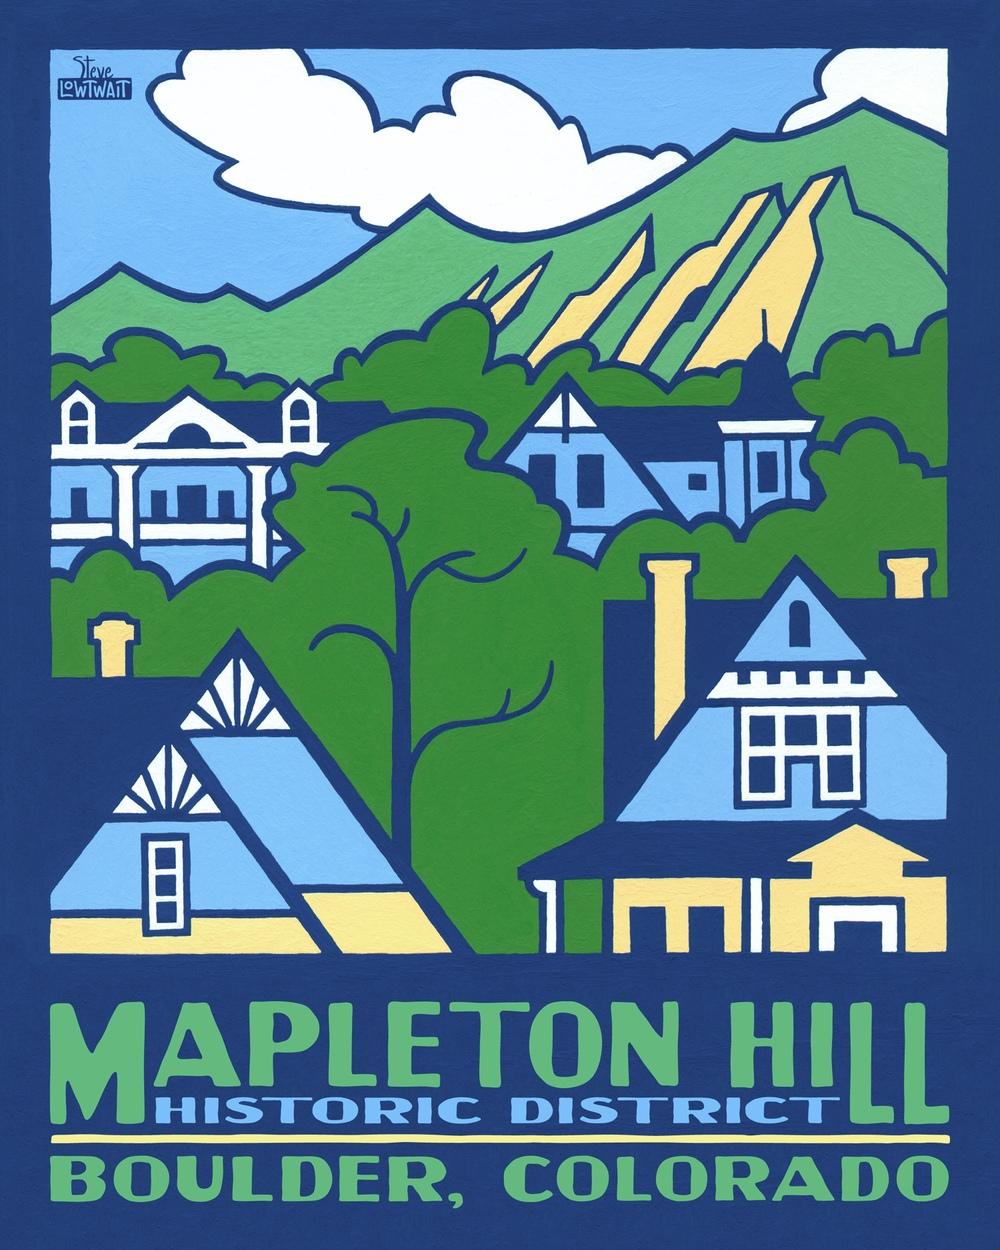 Mapleton Hill - Boulder, Colorado• Buy